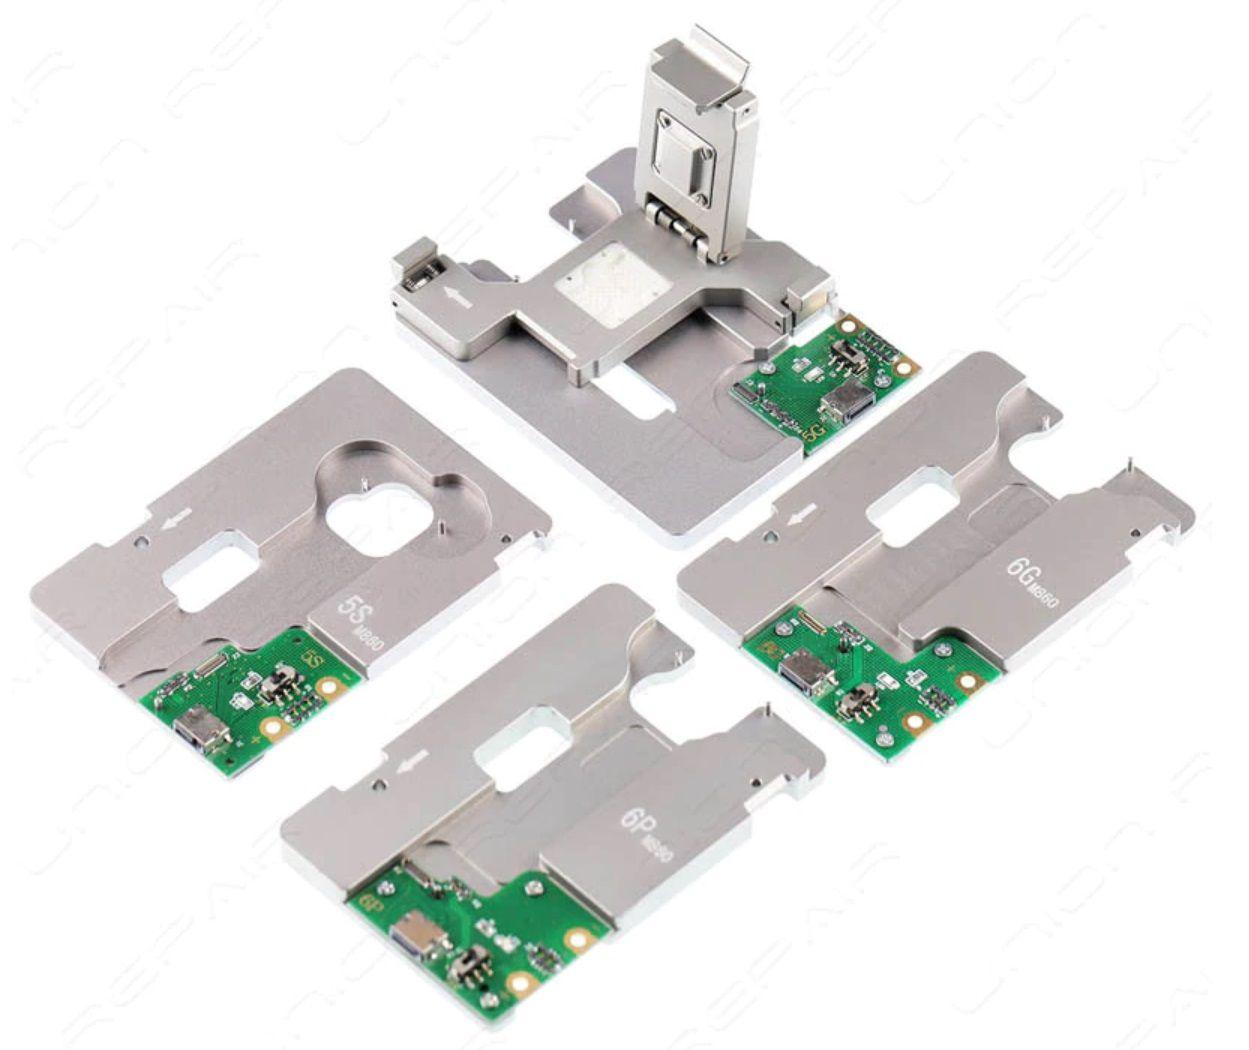 MIJING MJ-860 5 IN1 MEMÓRIA HDD NAND IC FERRAMENTA DE TESTE PARA IPHONE 5G / 5S / 6G / 6P